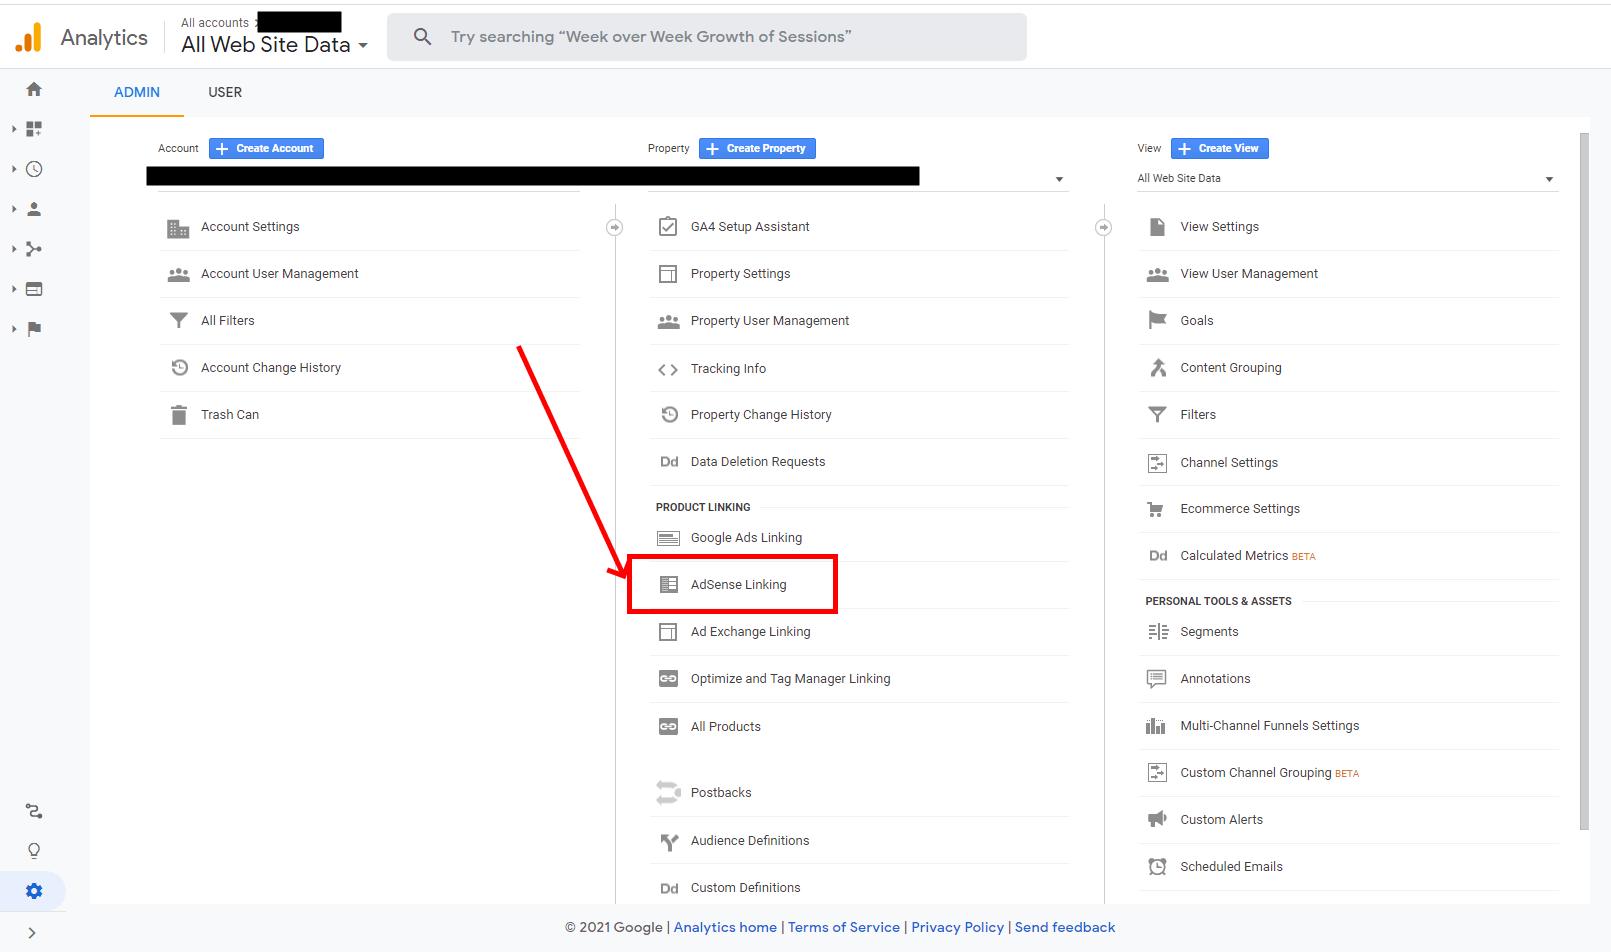 ga adsense linking